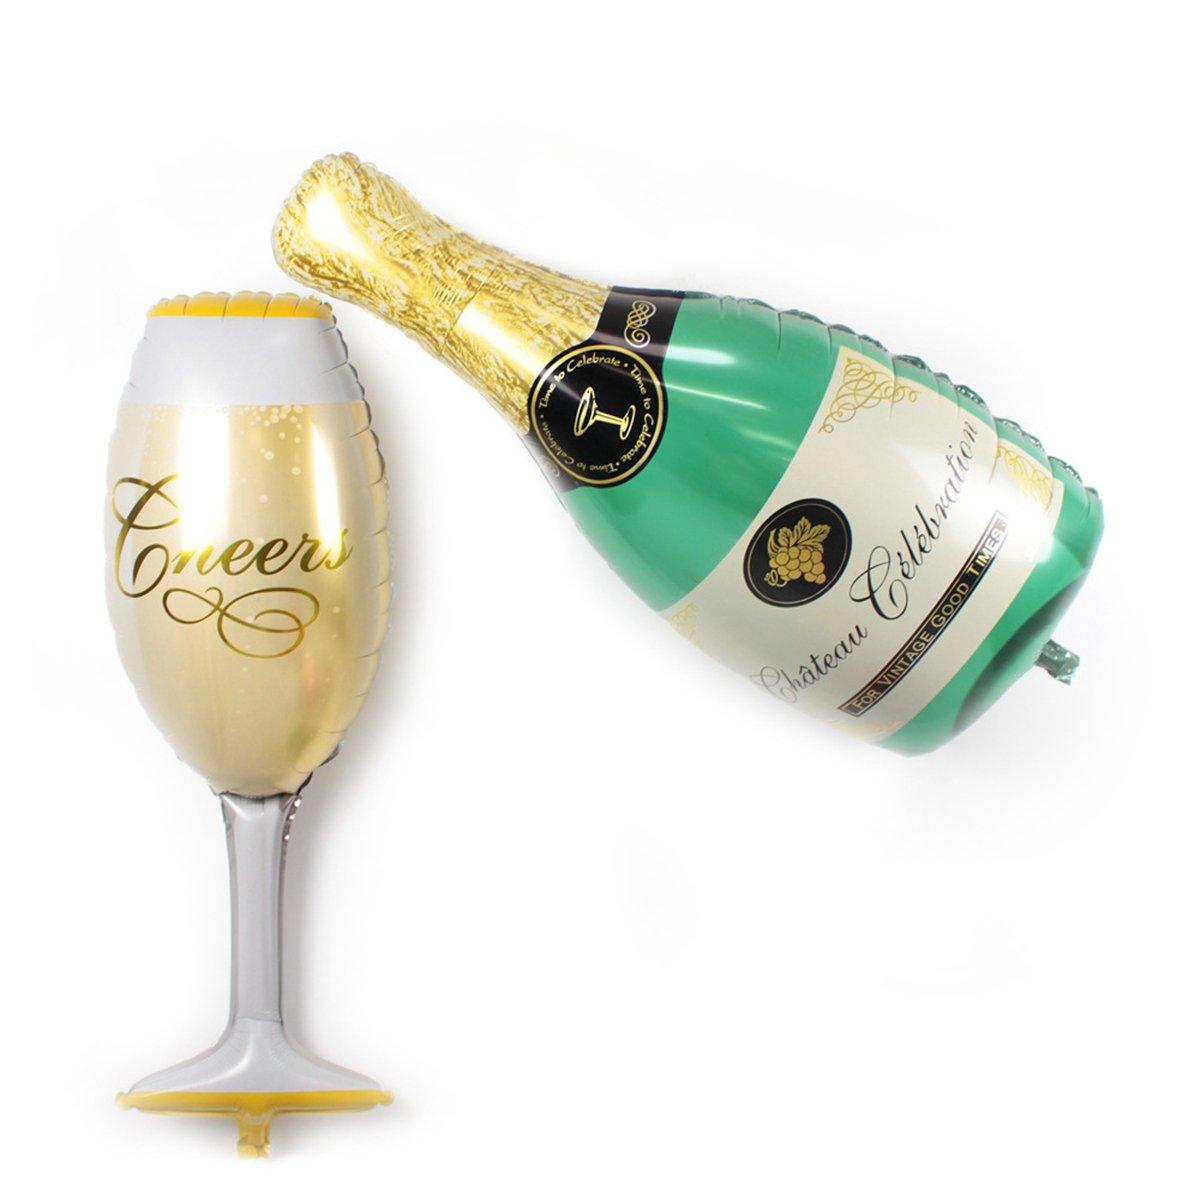 Motiv: Champagner und Glas Sunshey 2 Heliumballons aus Aluminiumfolie perfekt f/ür Hochzeiten